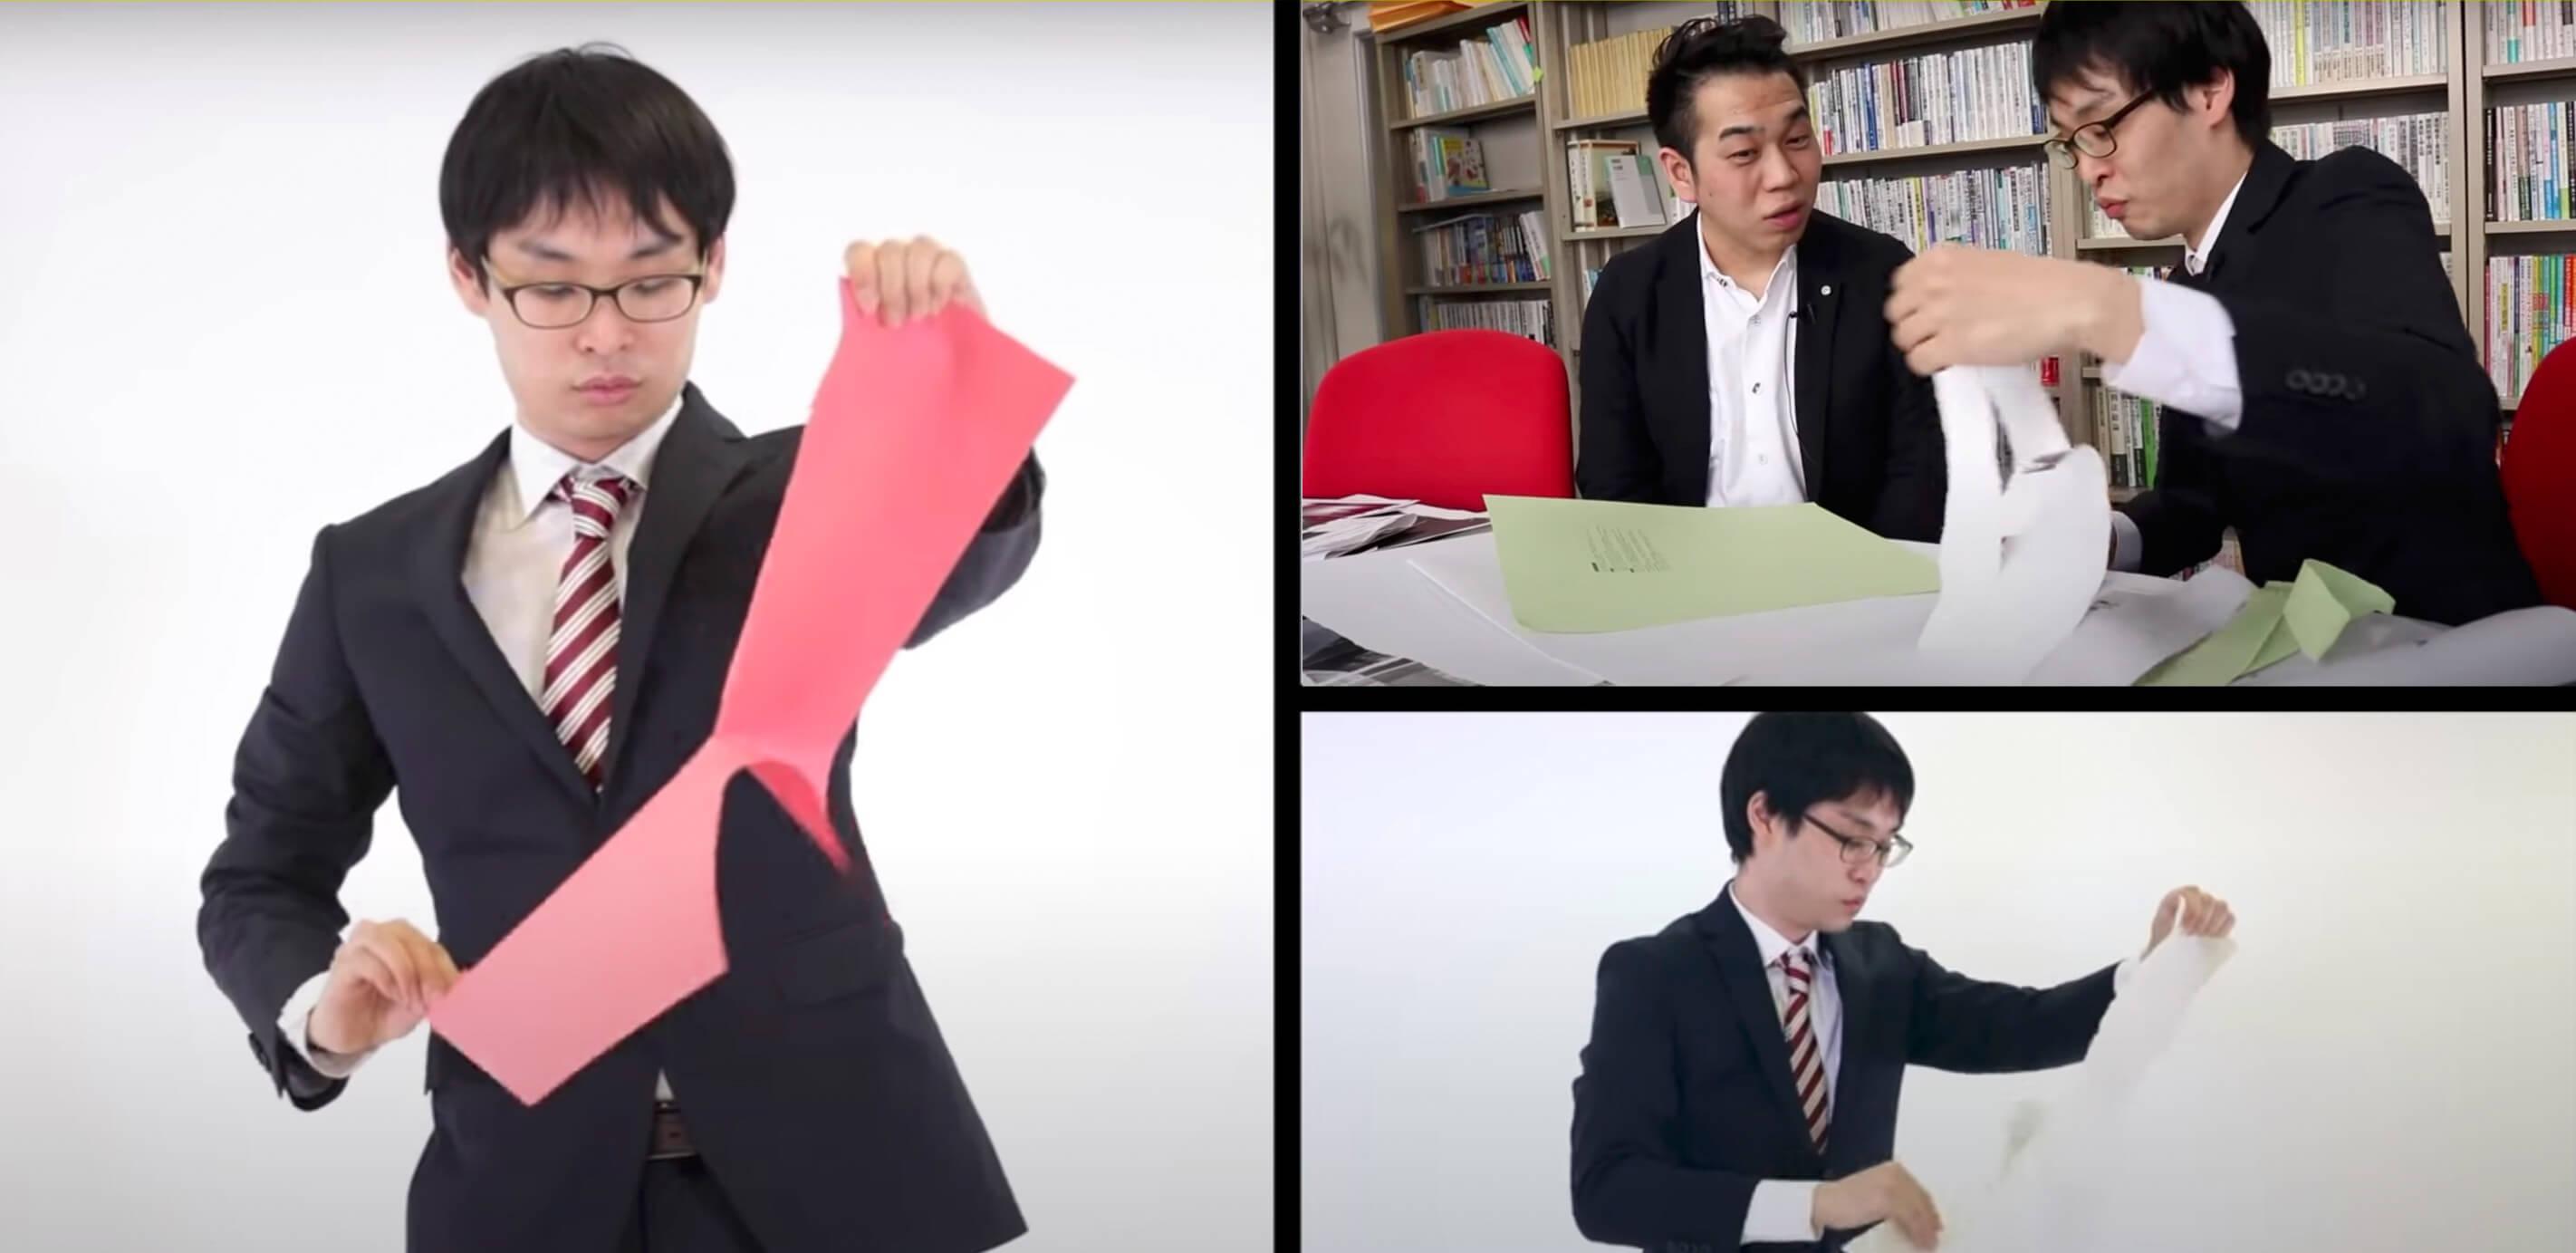 グランプリ受賞作品「至高の紙を求めて -紙破り演奏家福井周一の挑戦-」